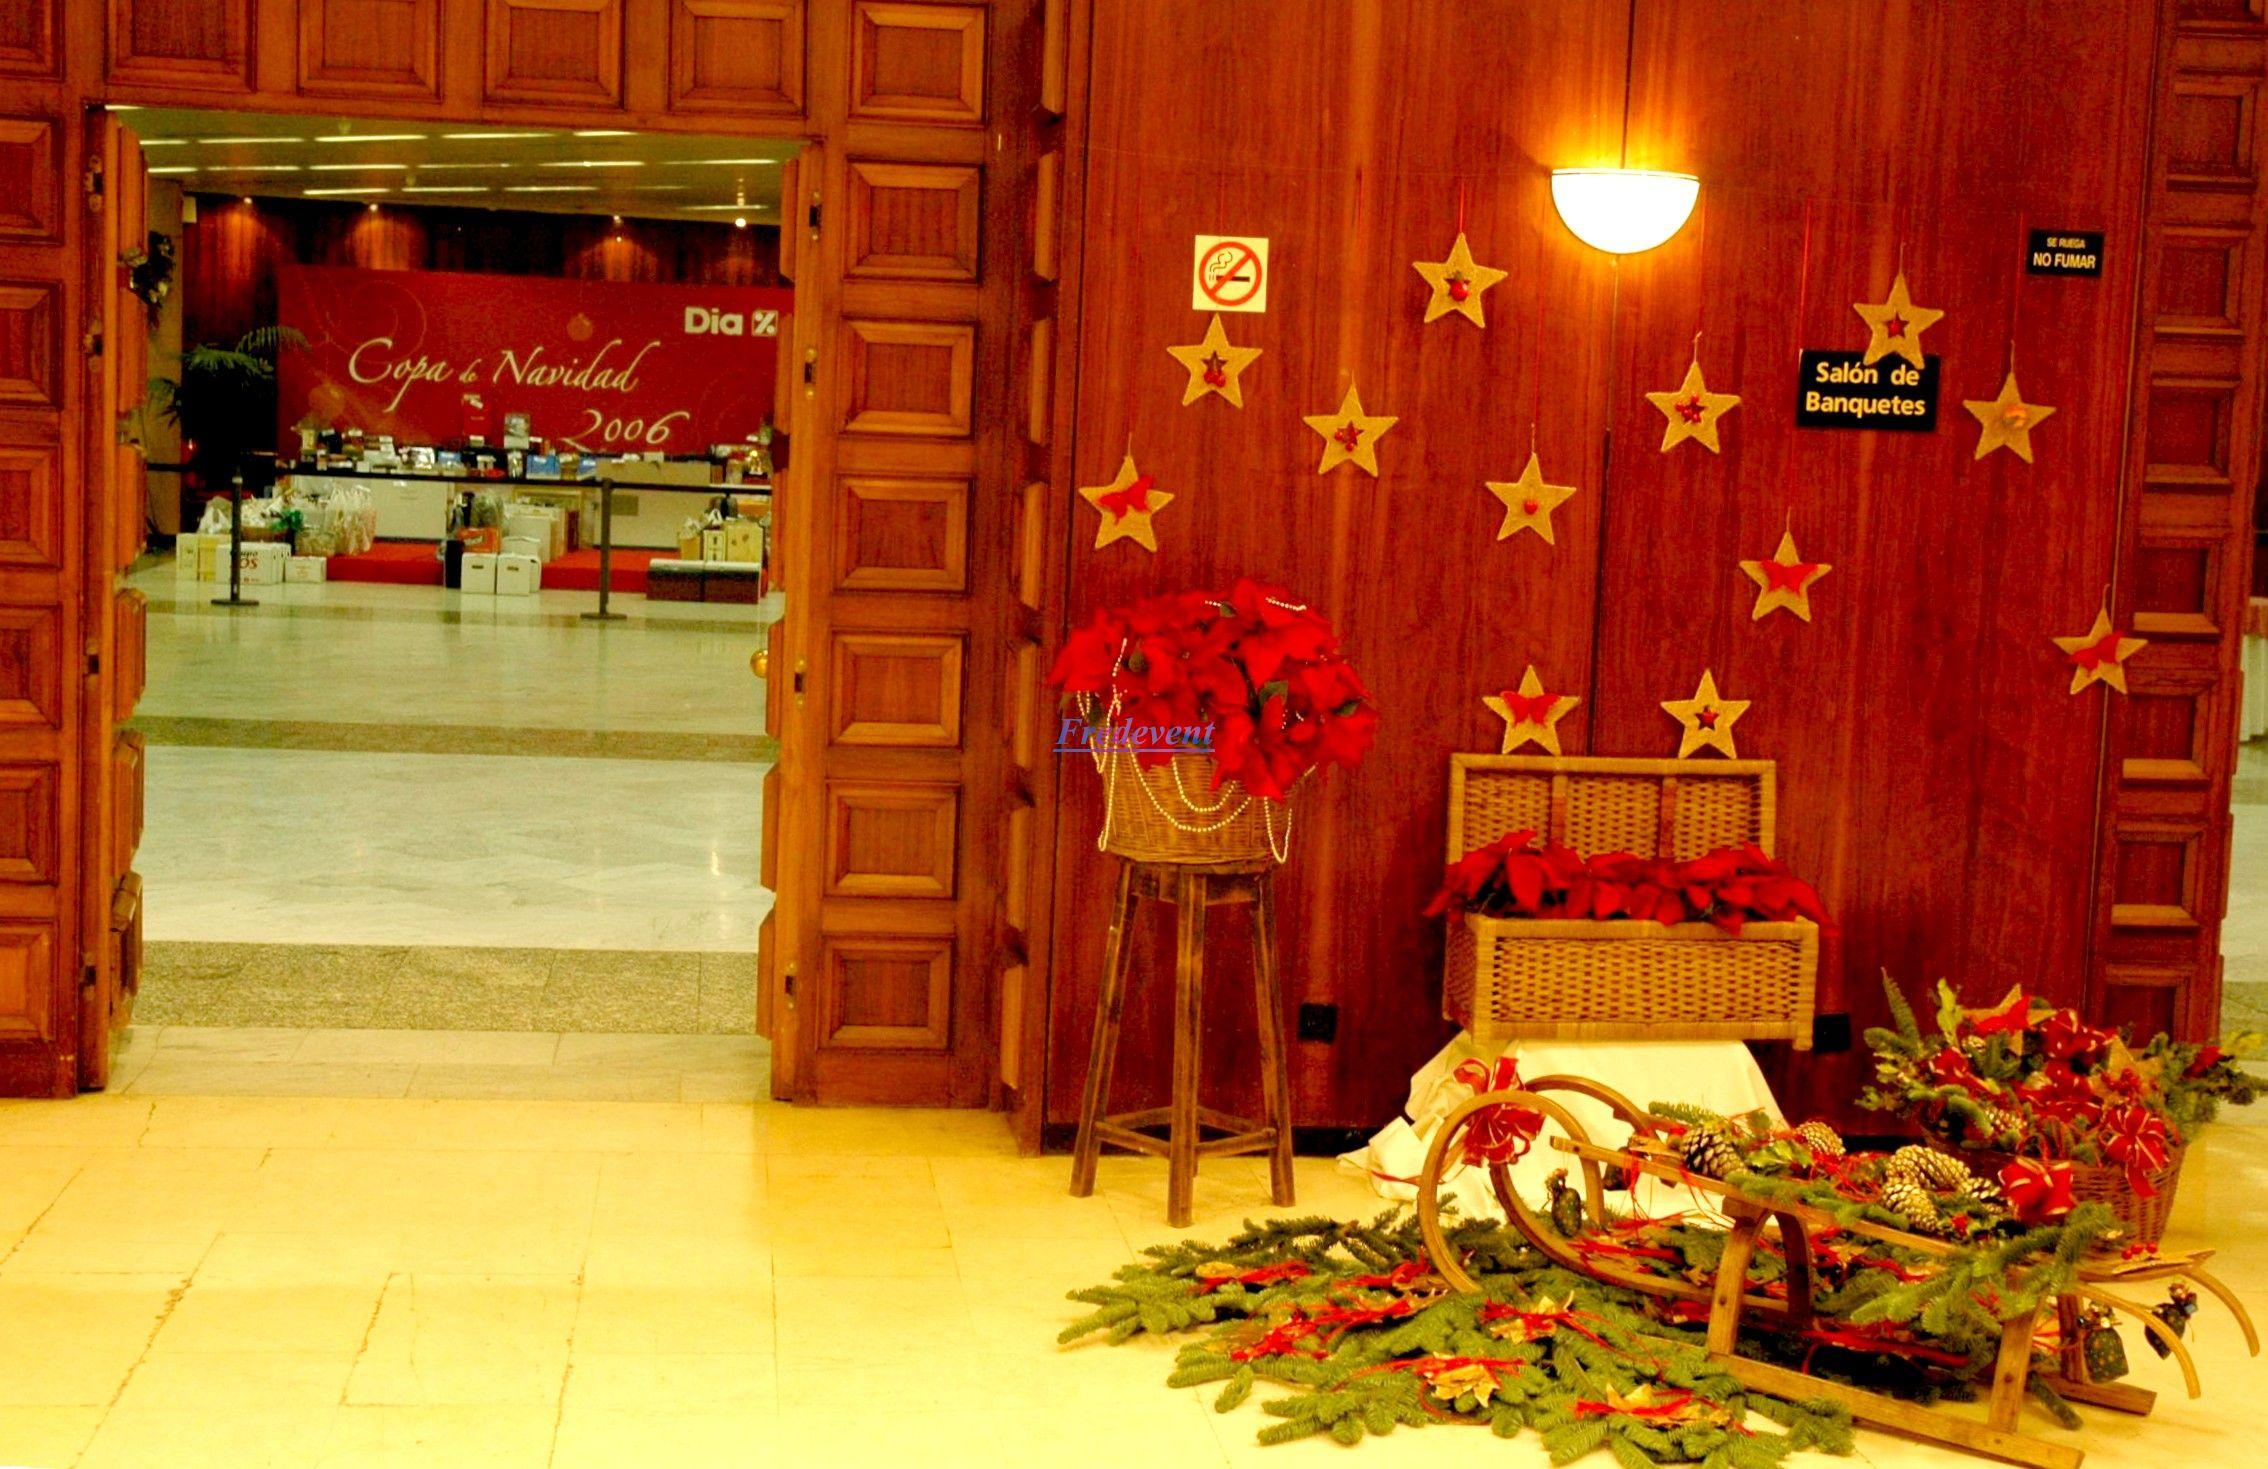 Organizacion de eventos empresas cena navidad eventos - Imagenes decoracion navidad ...